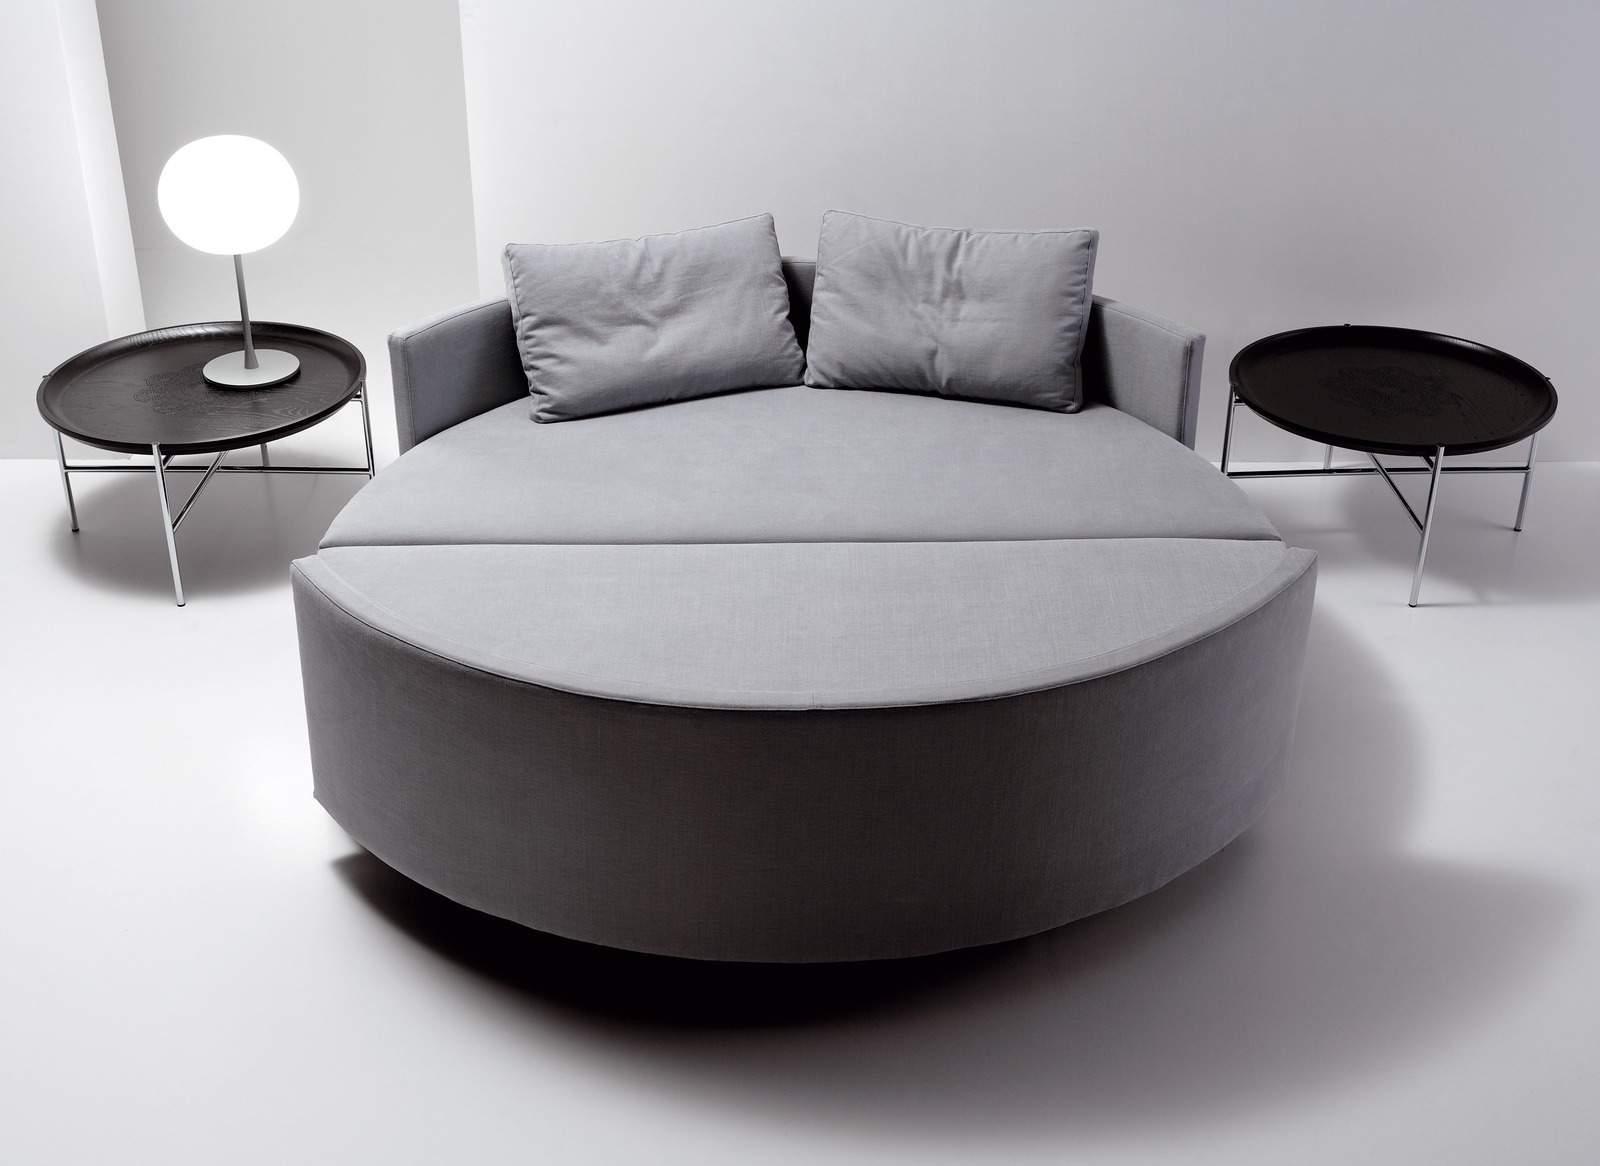 trouver-un-espace-pour-mon-lit